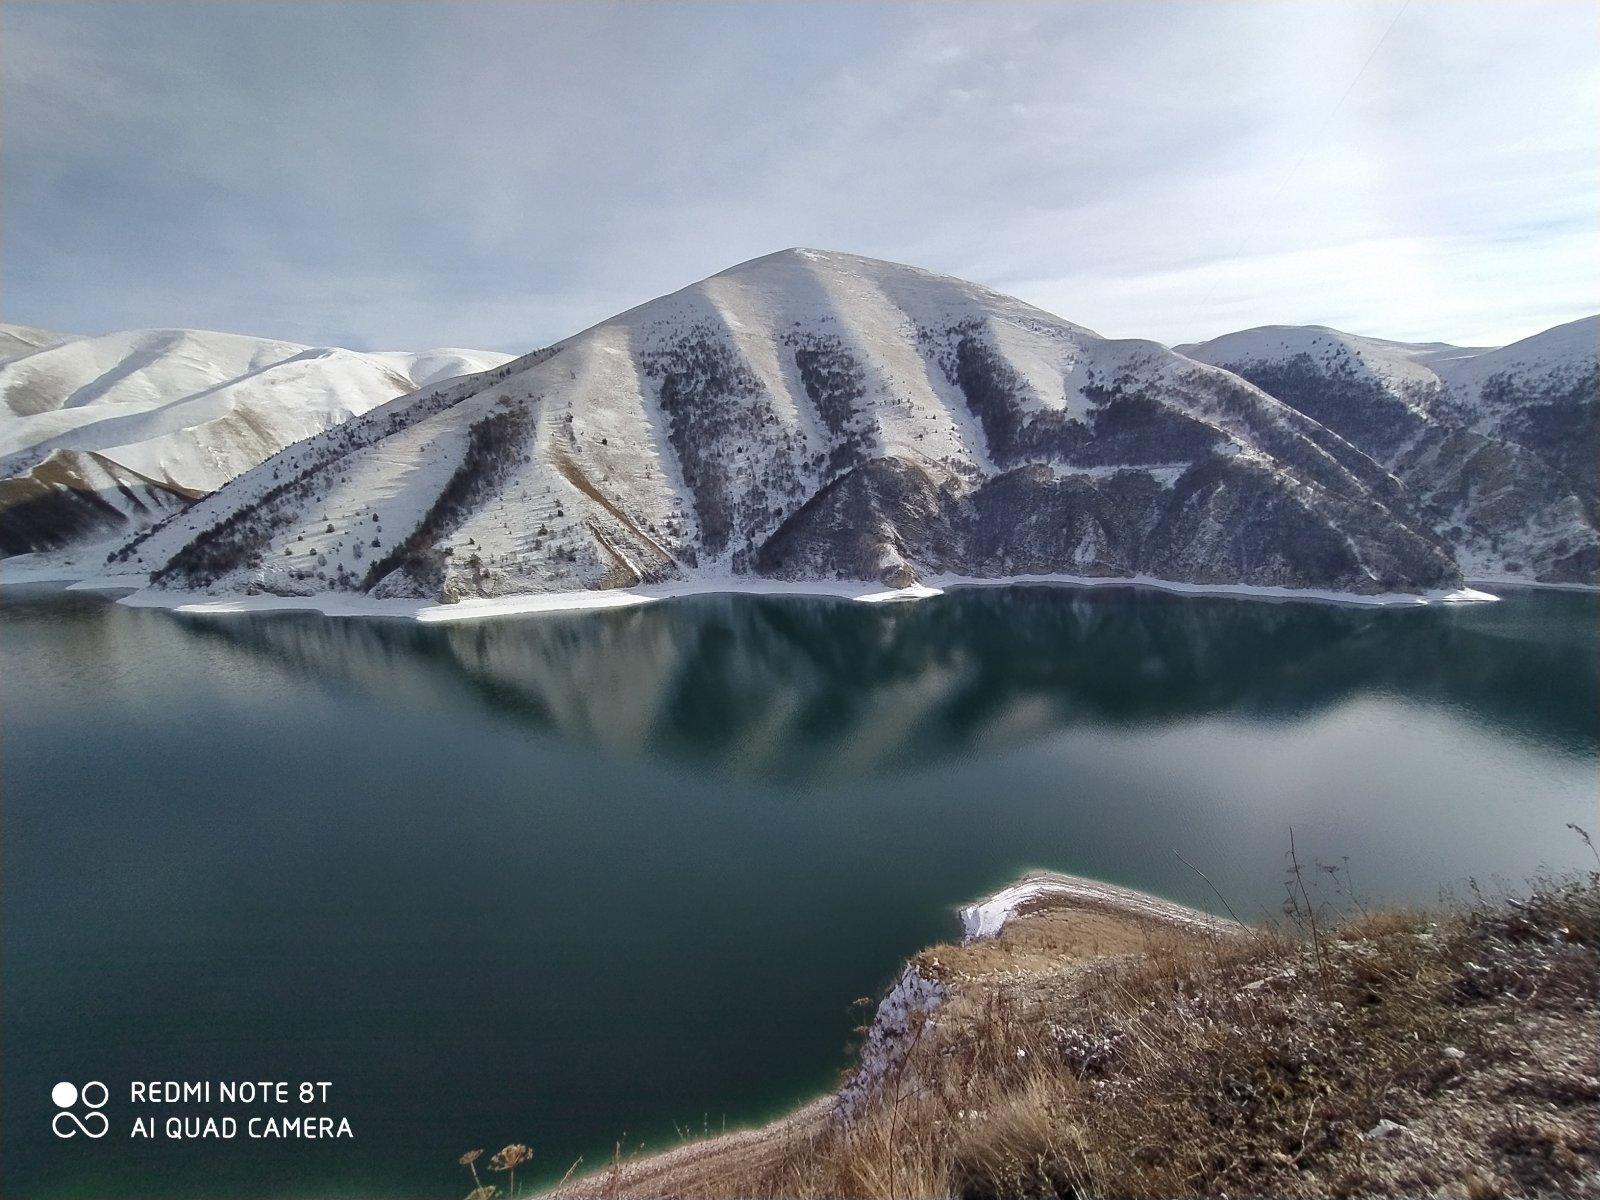 Поездка к высокогорному озеру Казеной-ам